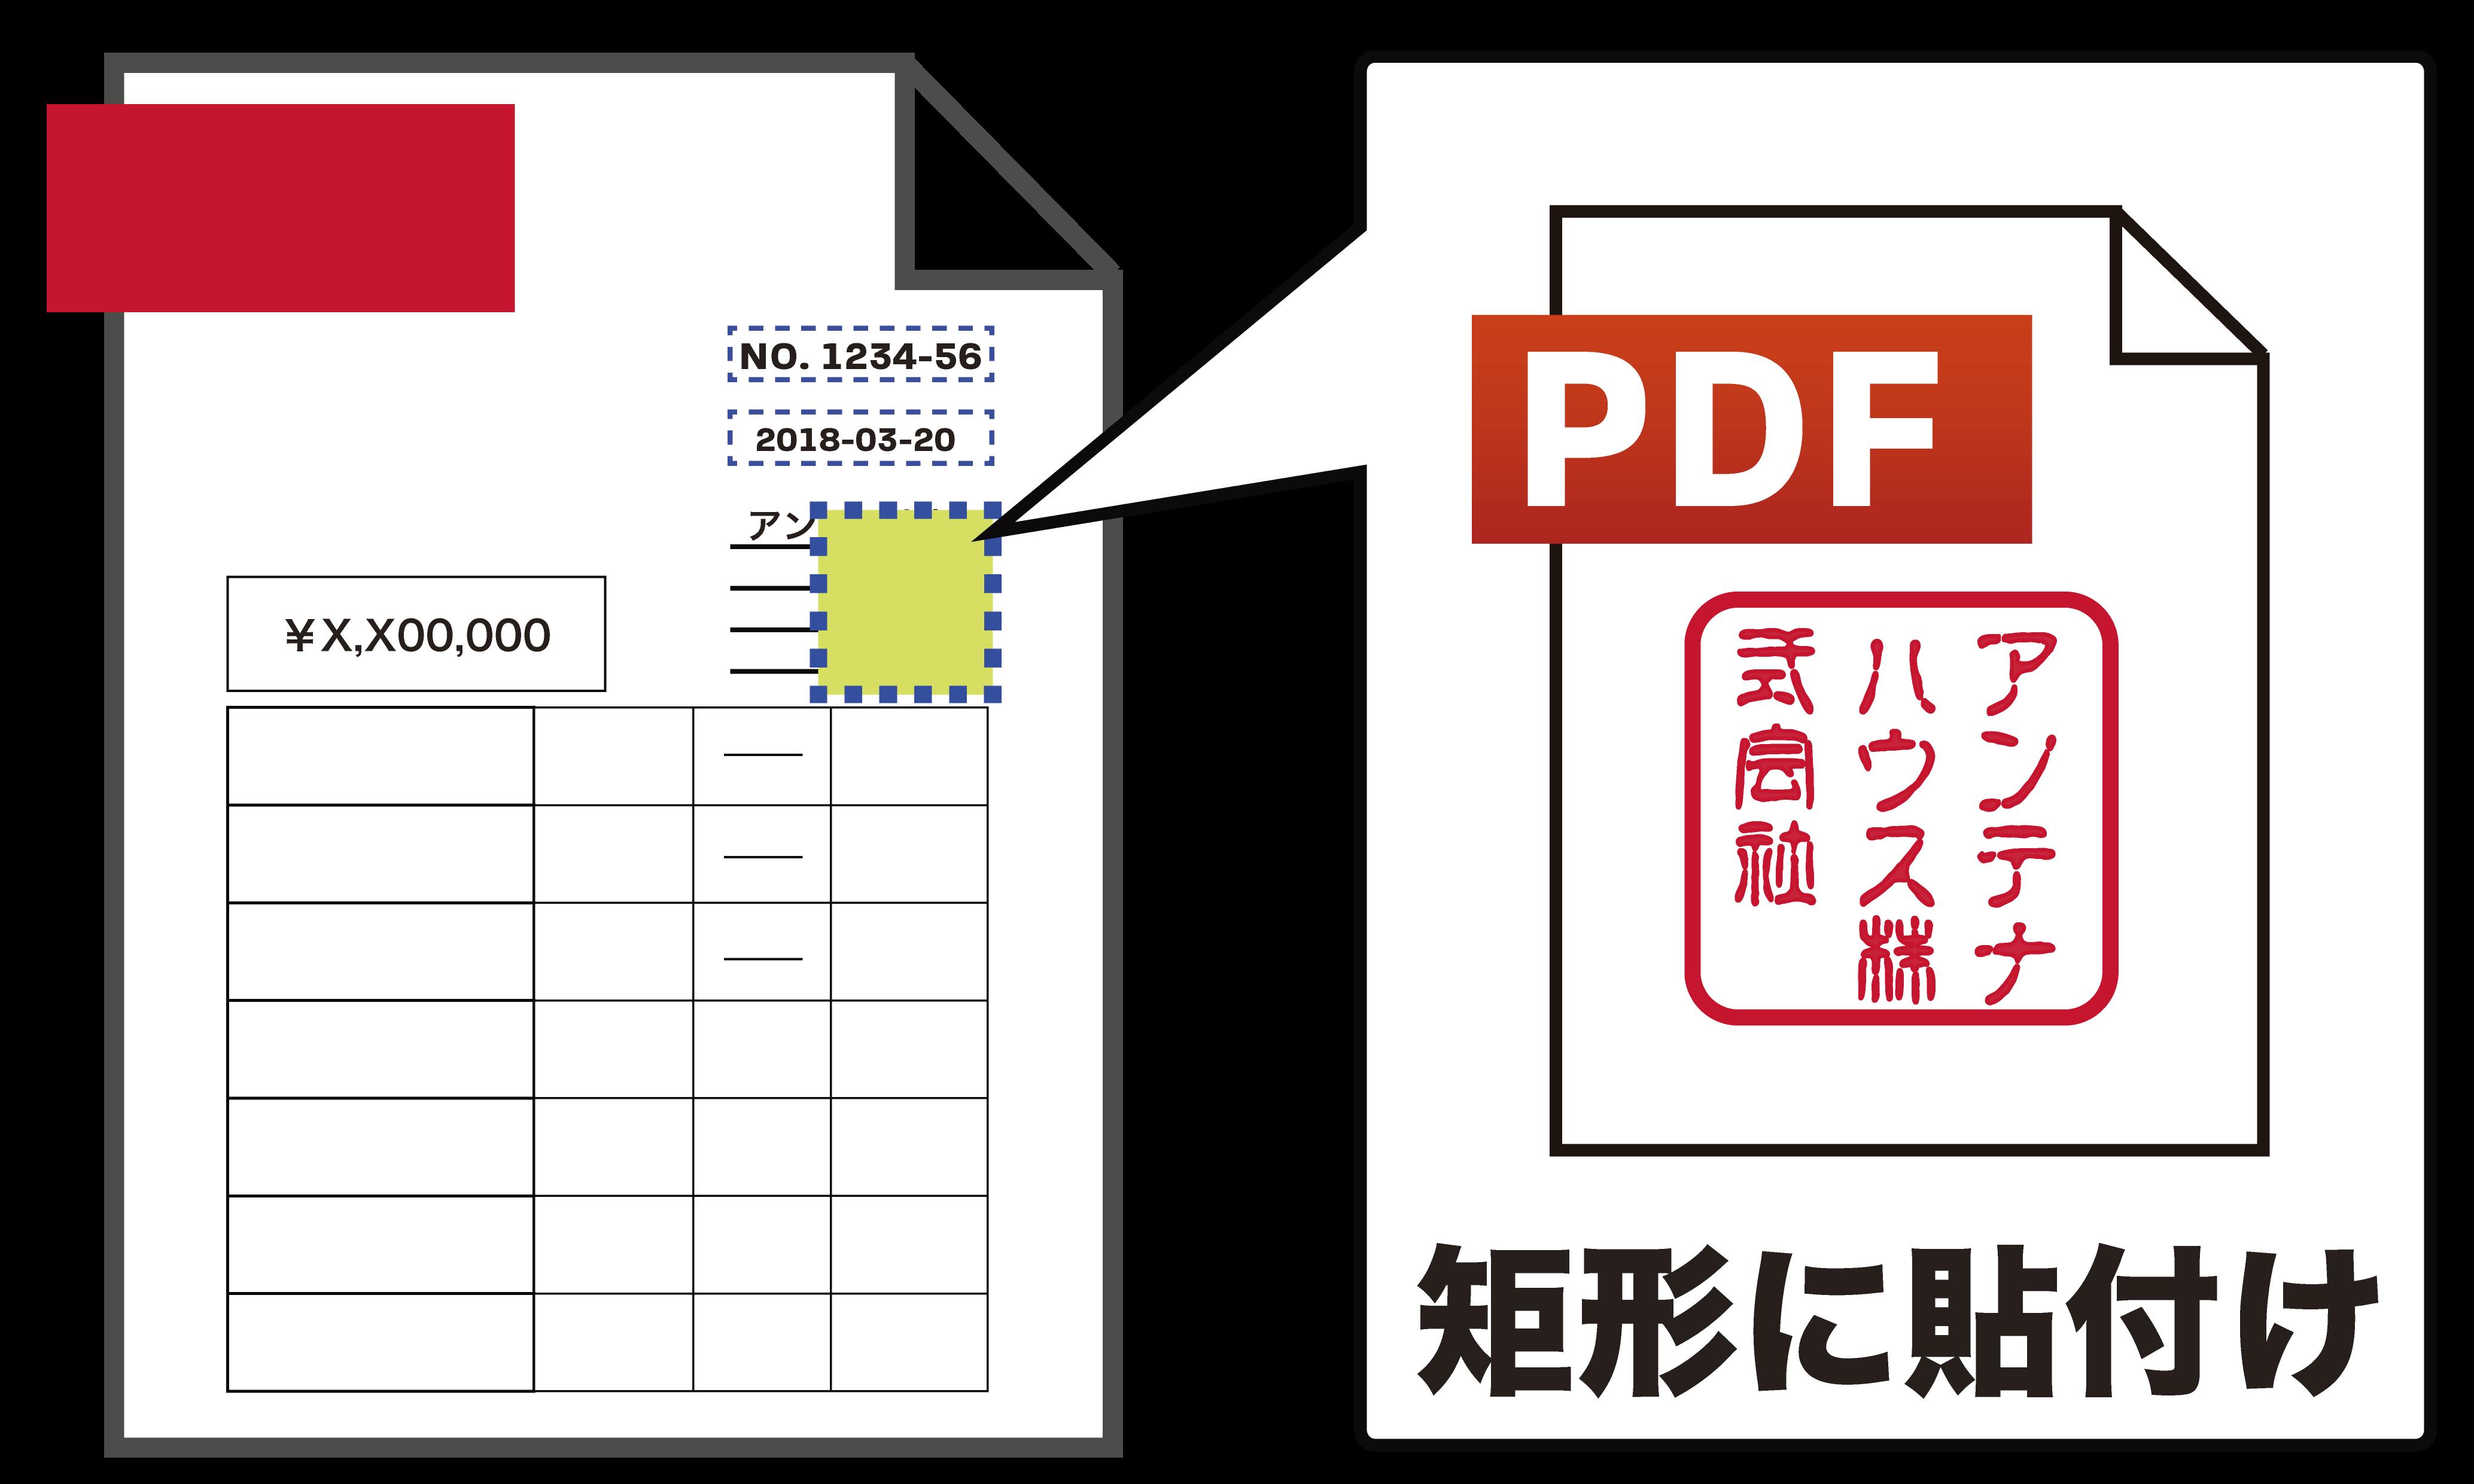 印鑑 pdf